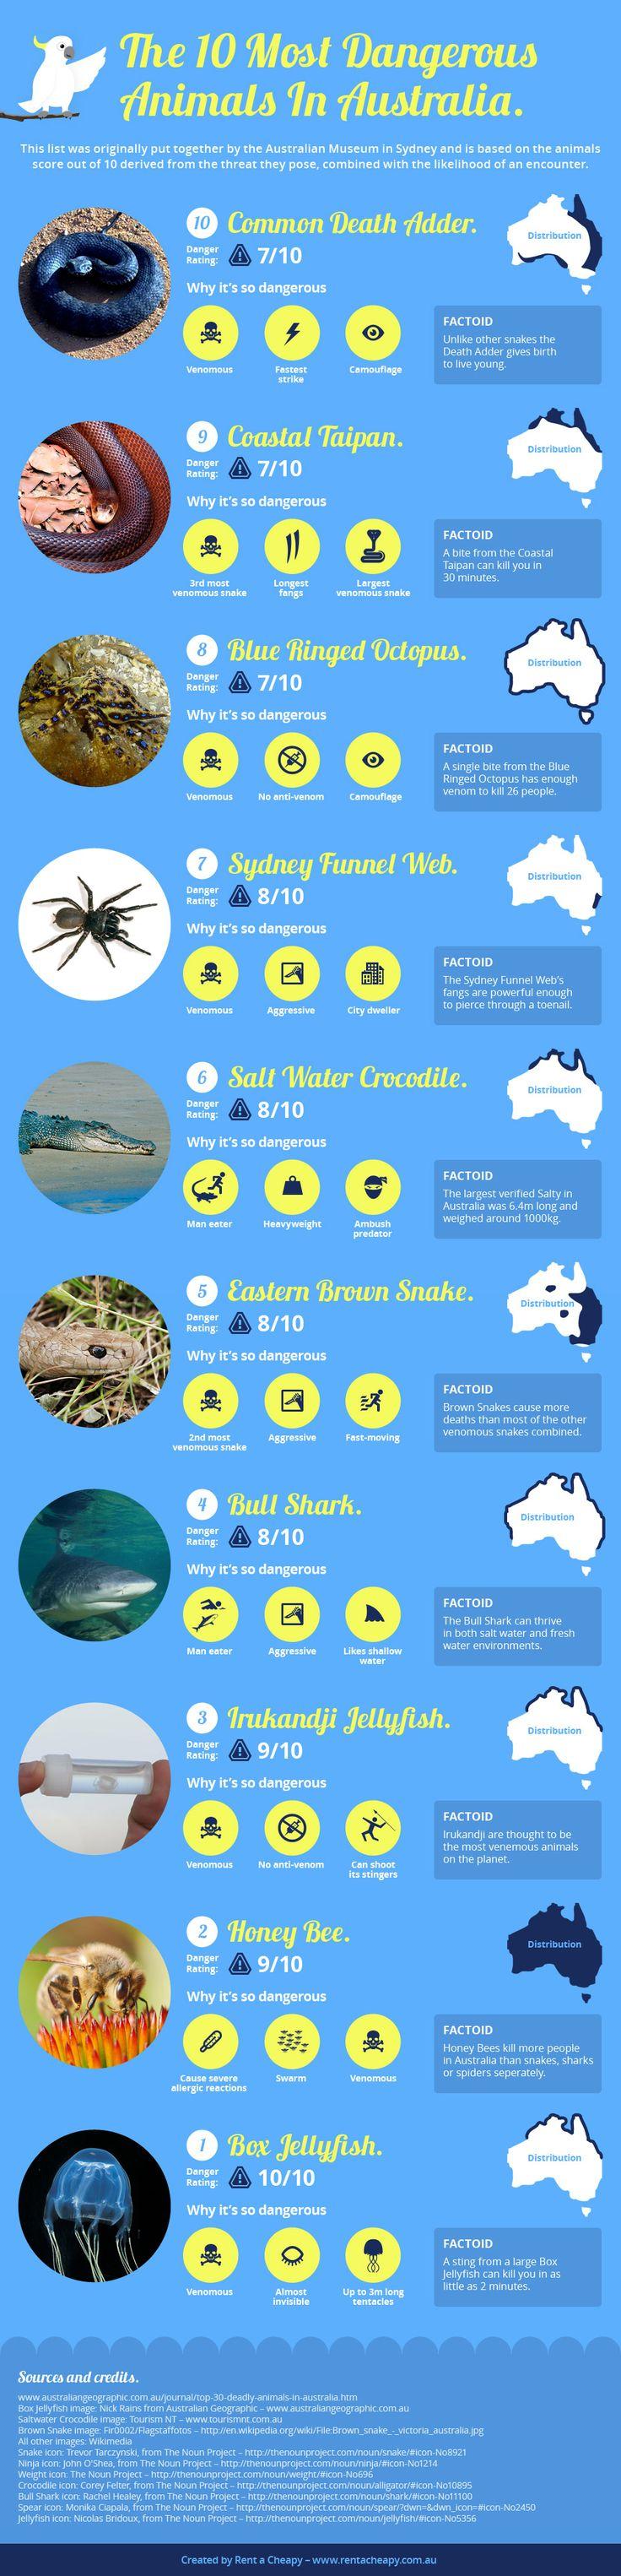 Australia's Ten Deadliest Animals [Infographic]